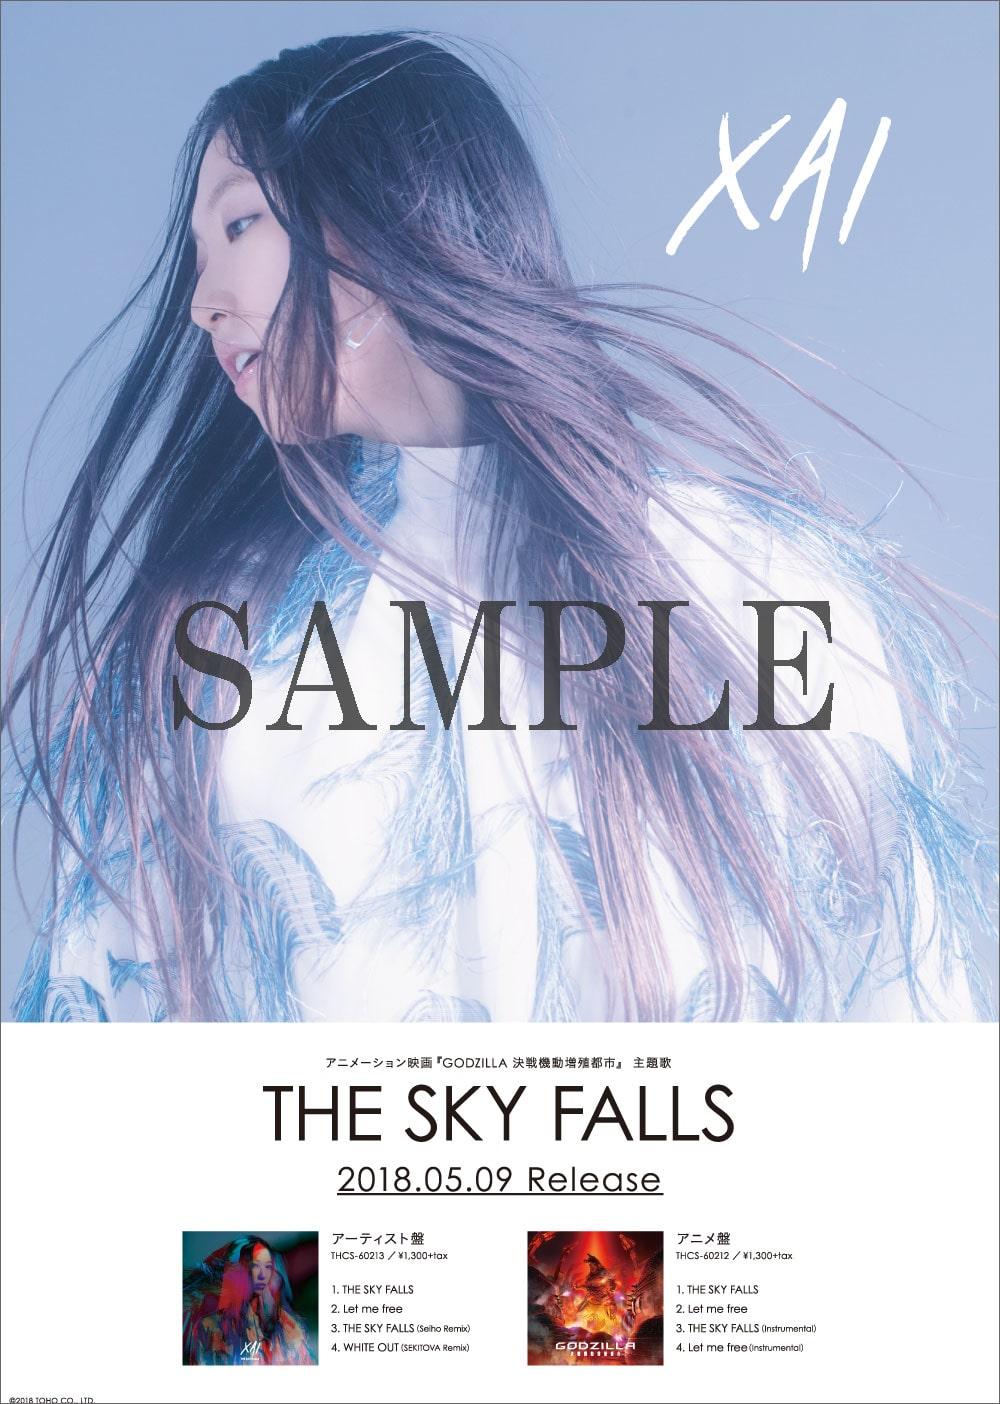 アニメーション映画『GODZILLA 決戦機動増殖都市』 主題歌「THE SKY FALLS」(アニメ盤)+ オリジナルサウンドトラック セット【CD】